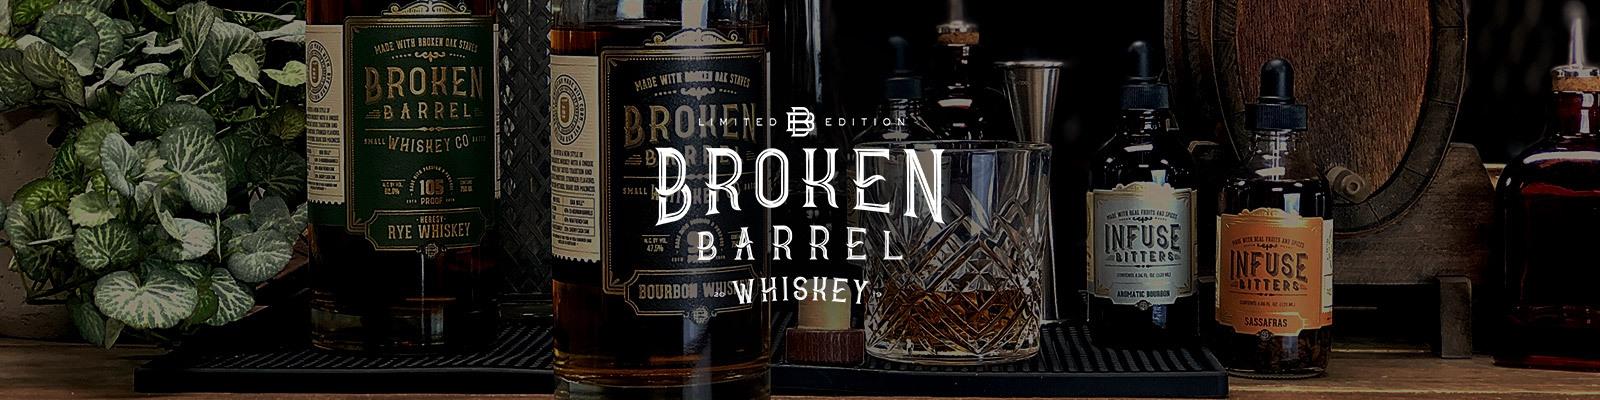 Broken Barrel